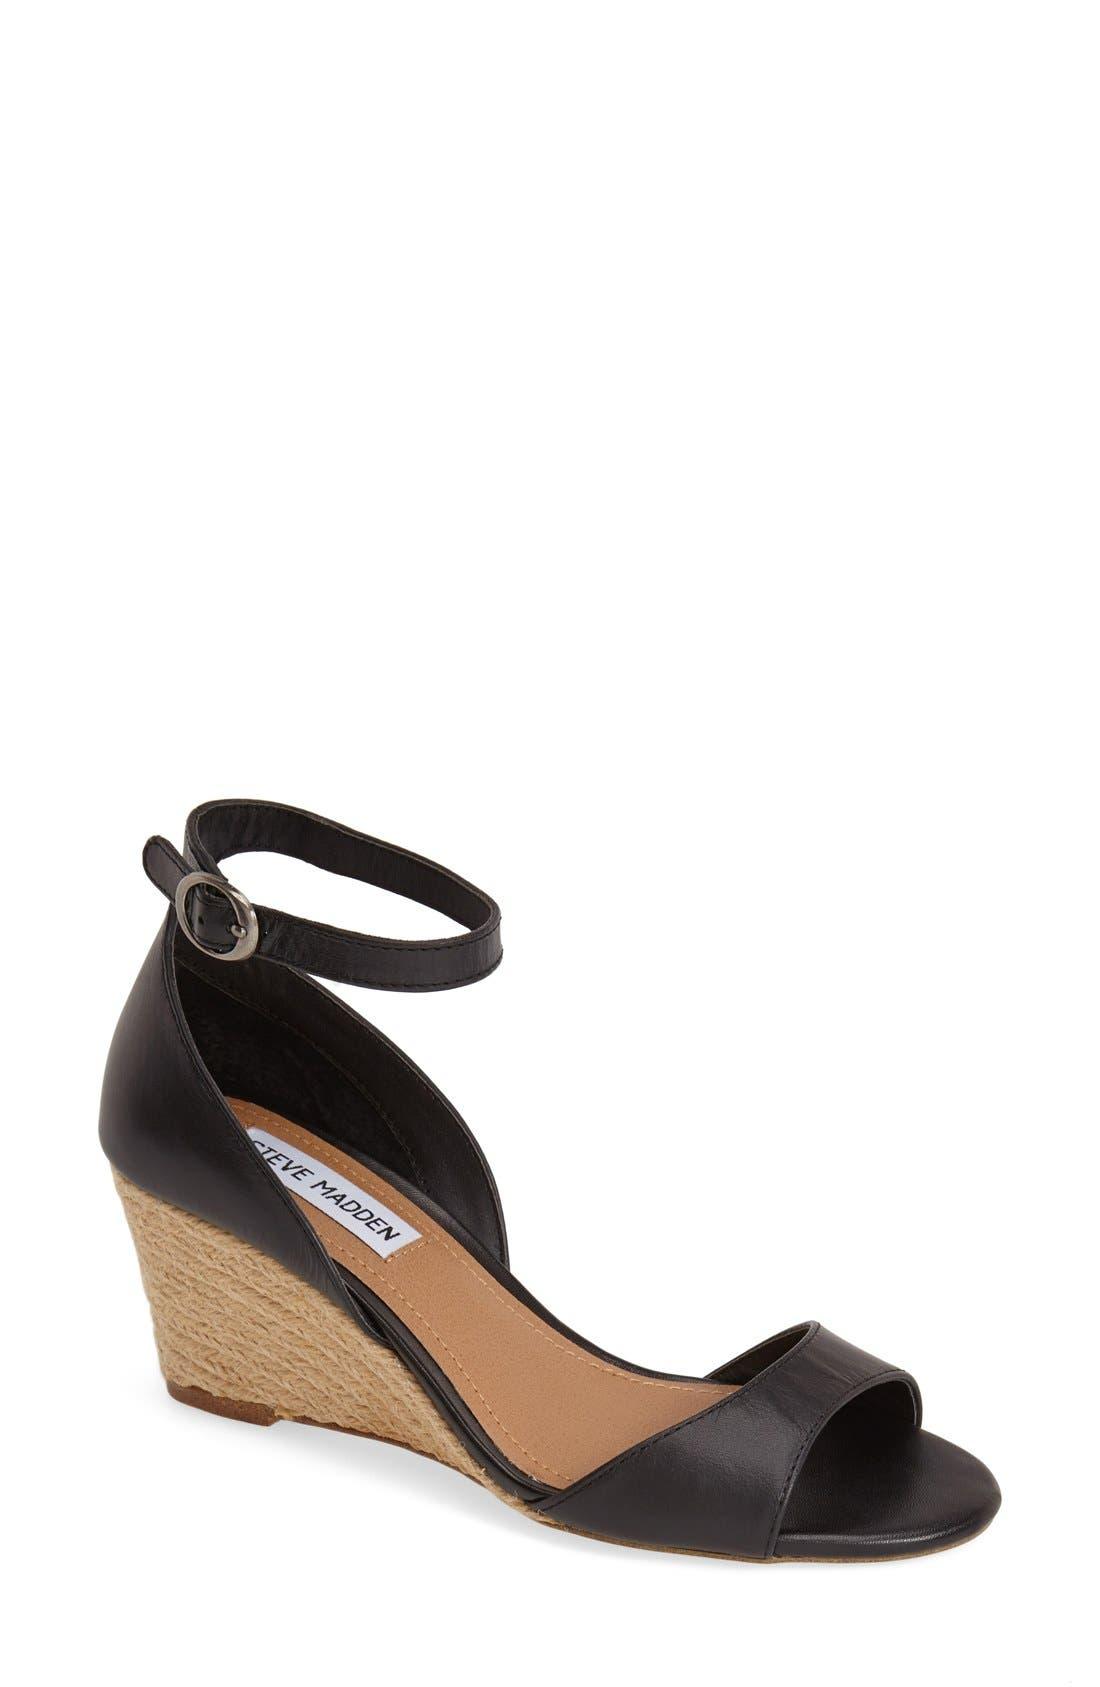 Alternate Image 1 Selected - Steve Madden 'Picnicc' Espadrille Wedge Sandal (Women)